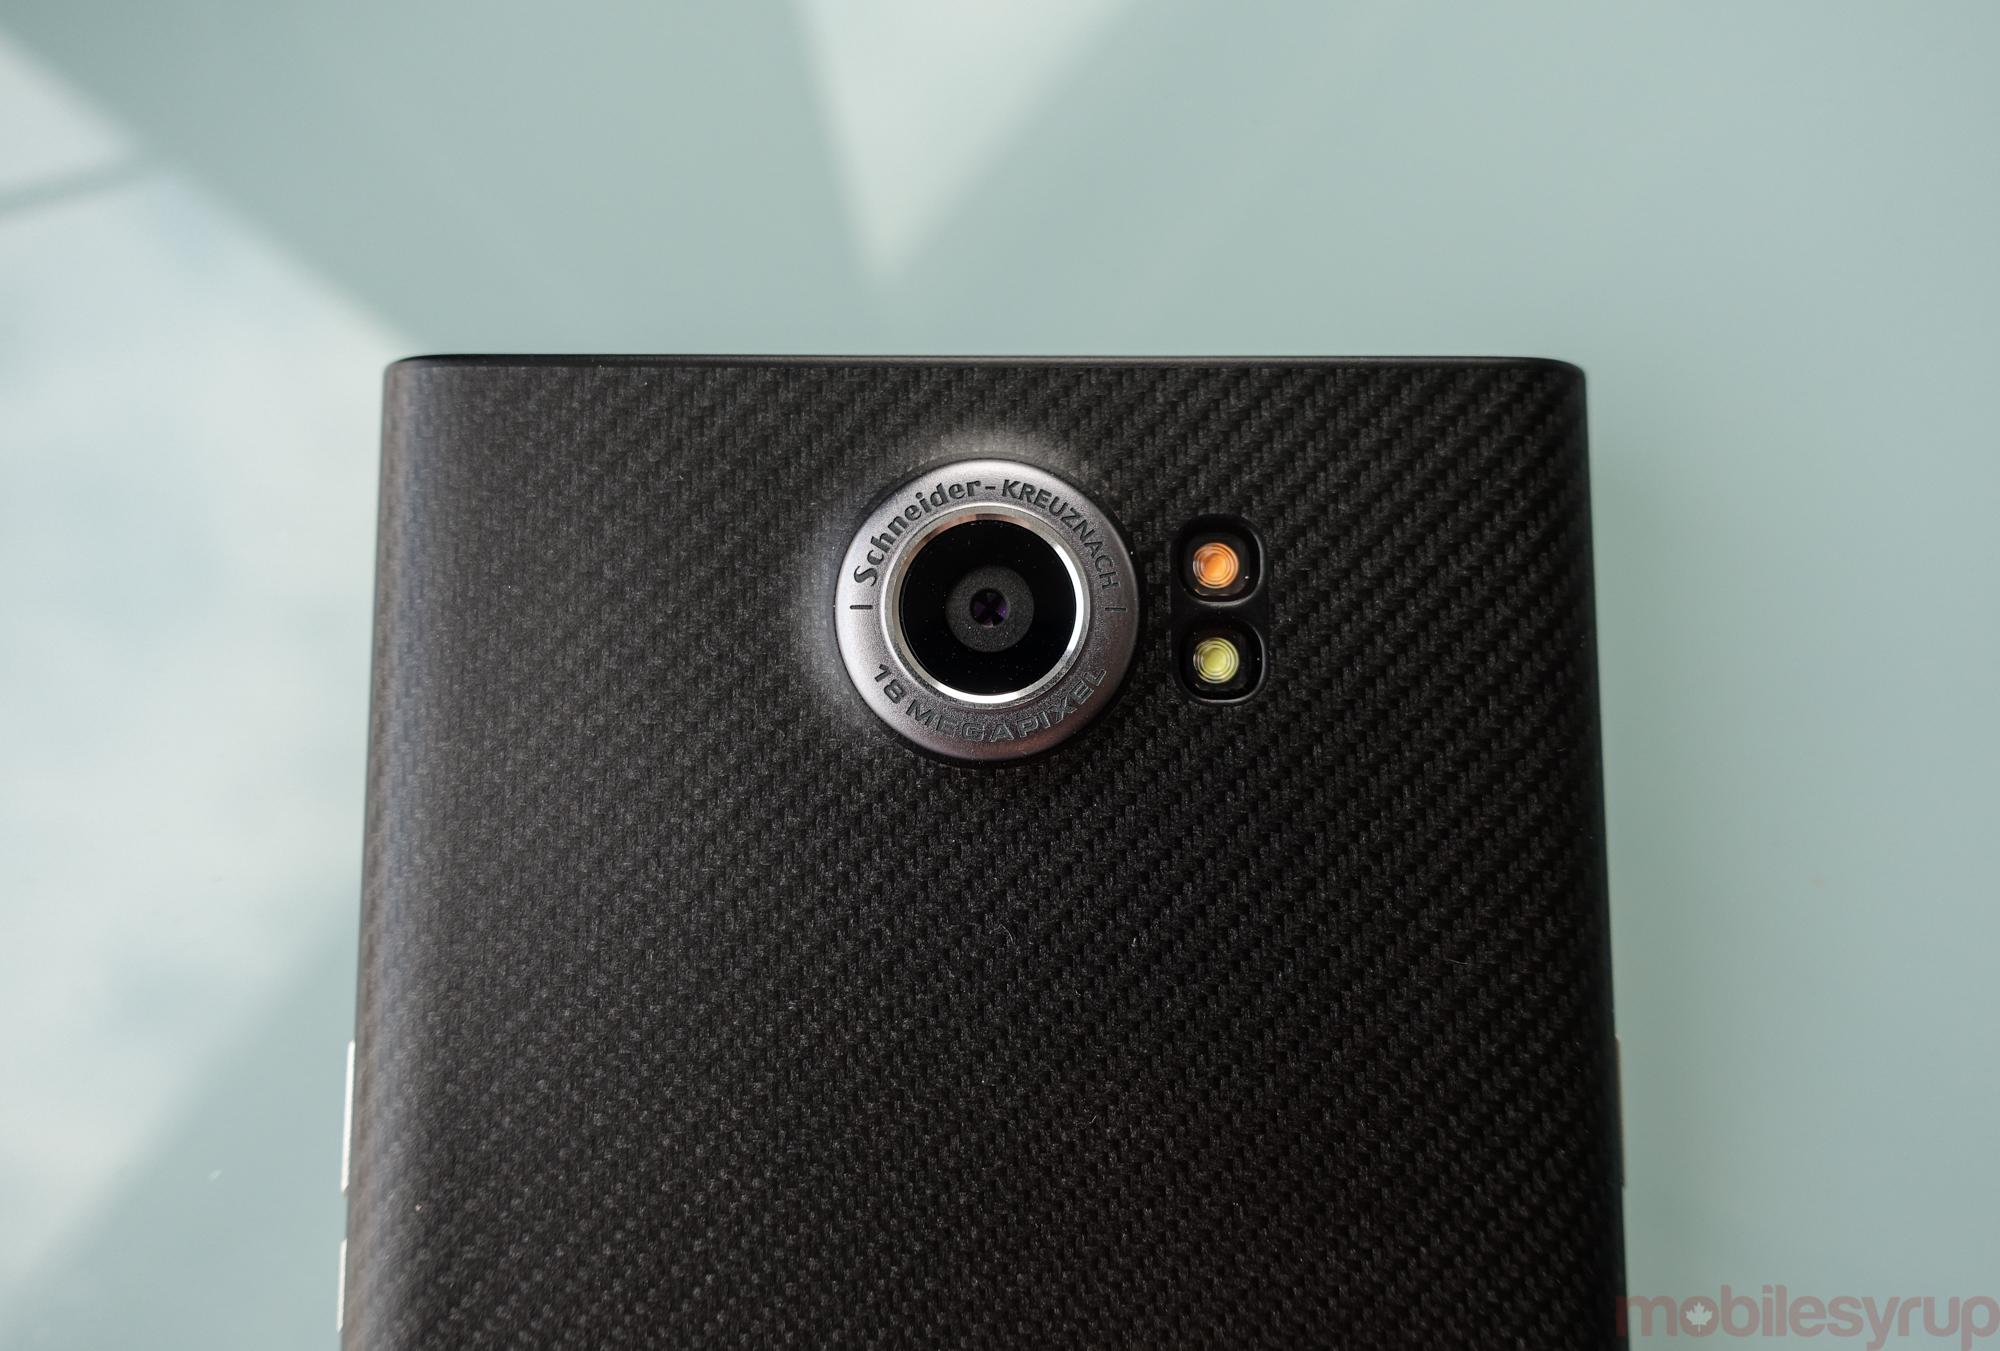 blackberryprivreview-01682